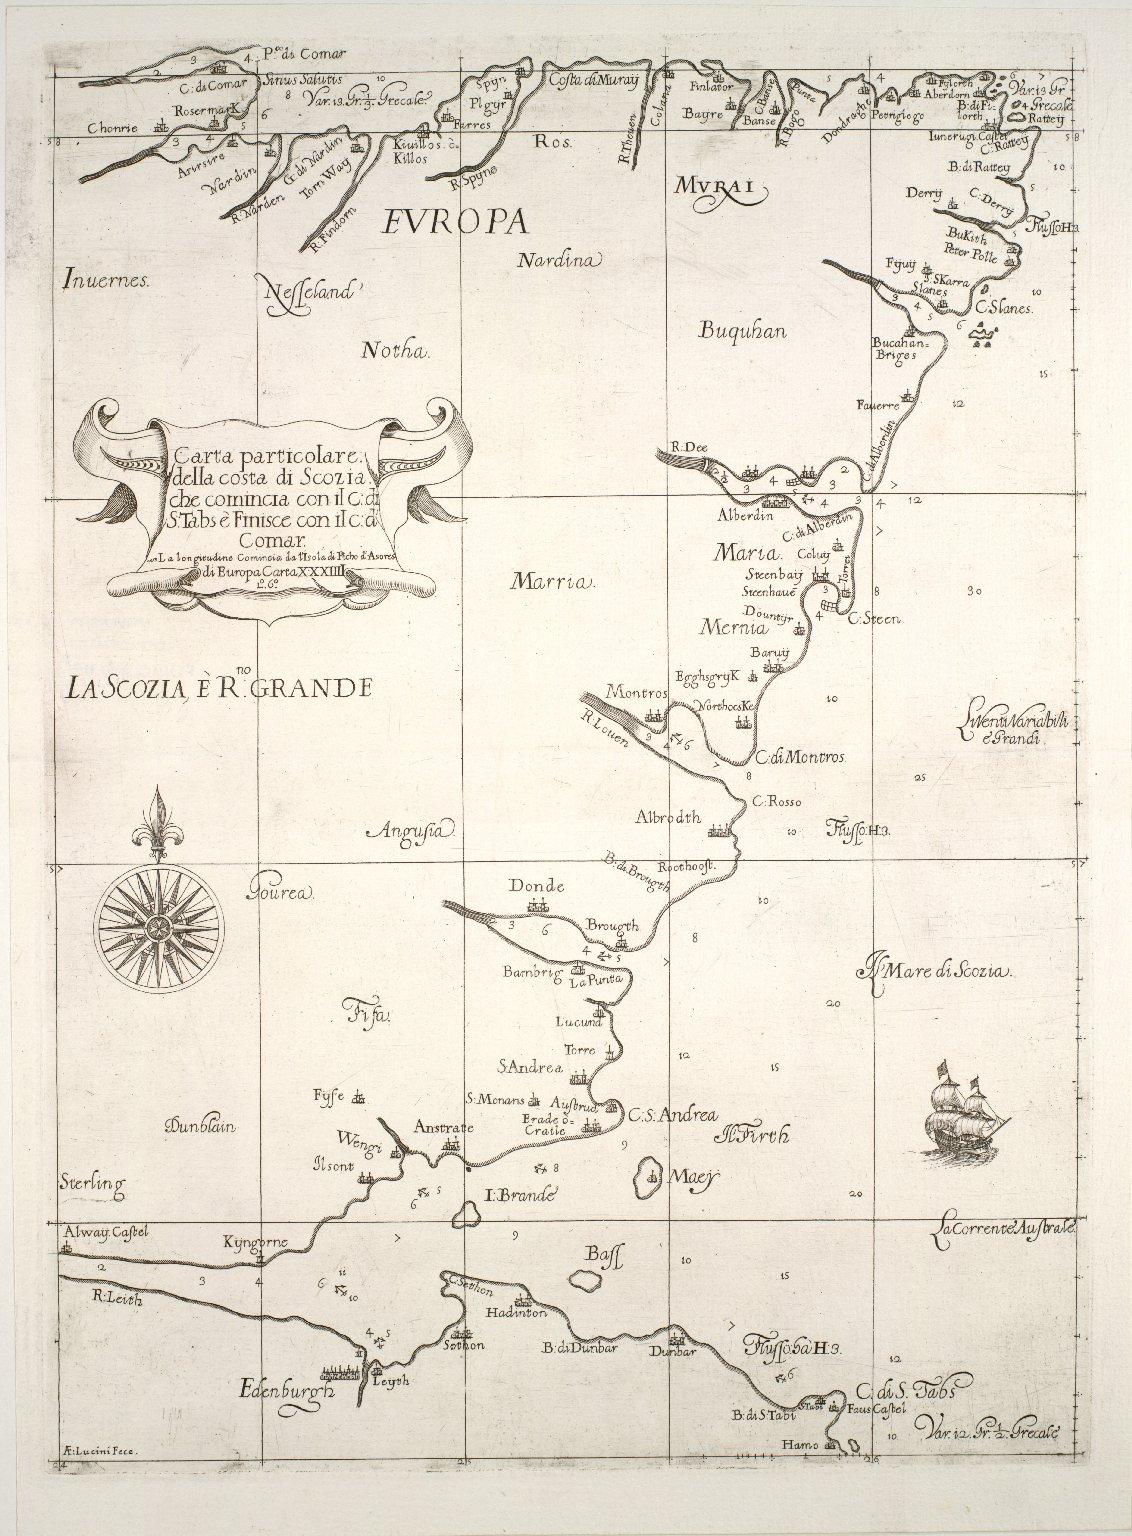 Carte particolare della costa di Scozia : che comincia con il c.d. S. Tabs ae Finisce con il c.d' Comar. La longitudine Comincia l'Isola di Picho d'Asores di Europa Carta XXXIIII / [1 of 1]